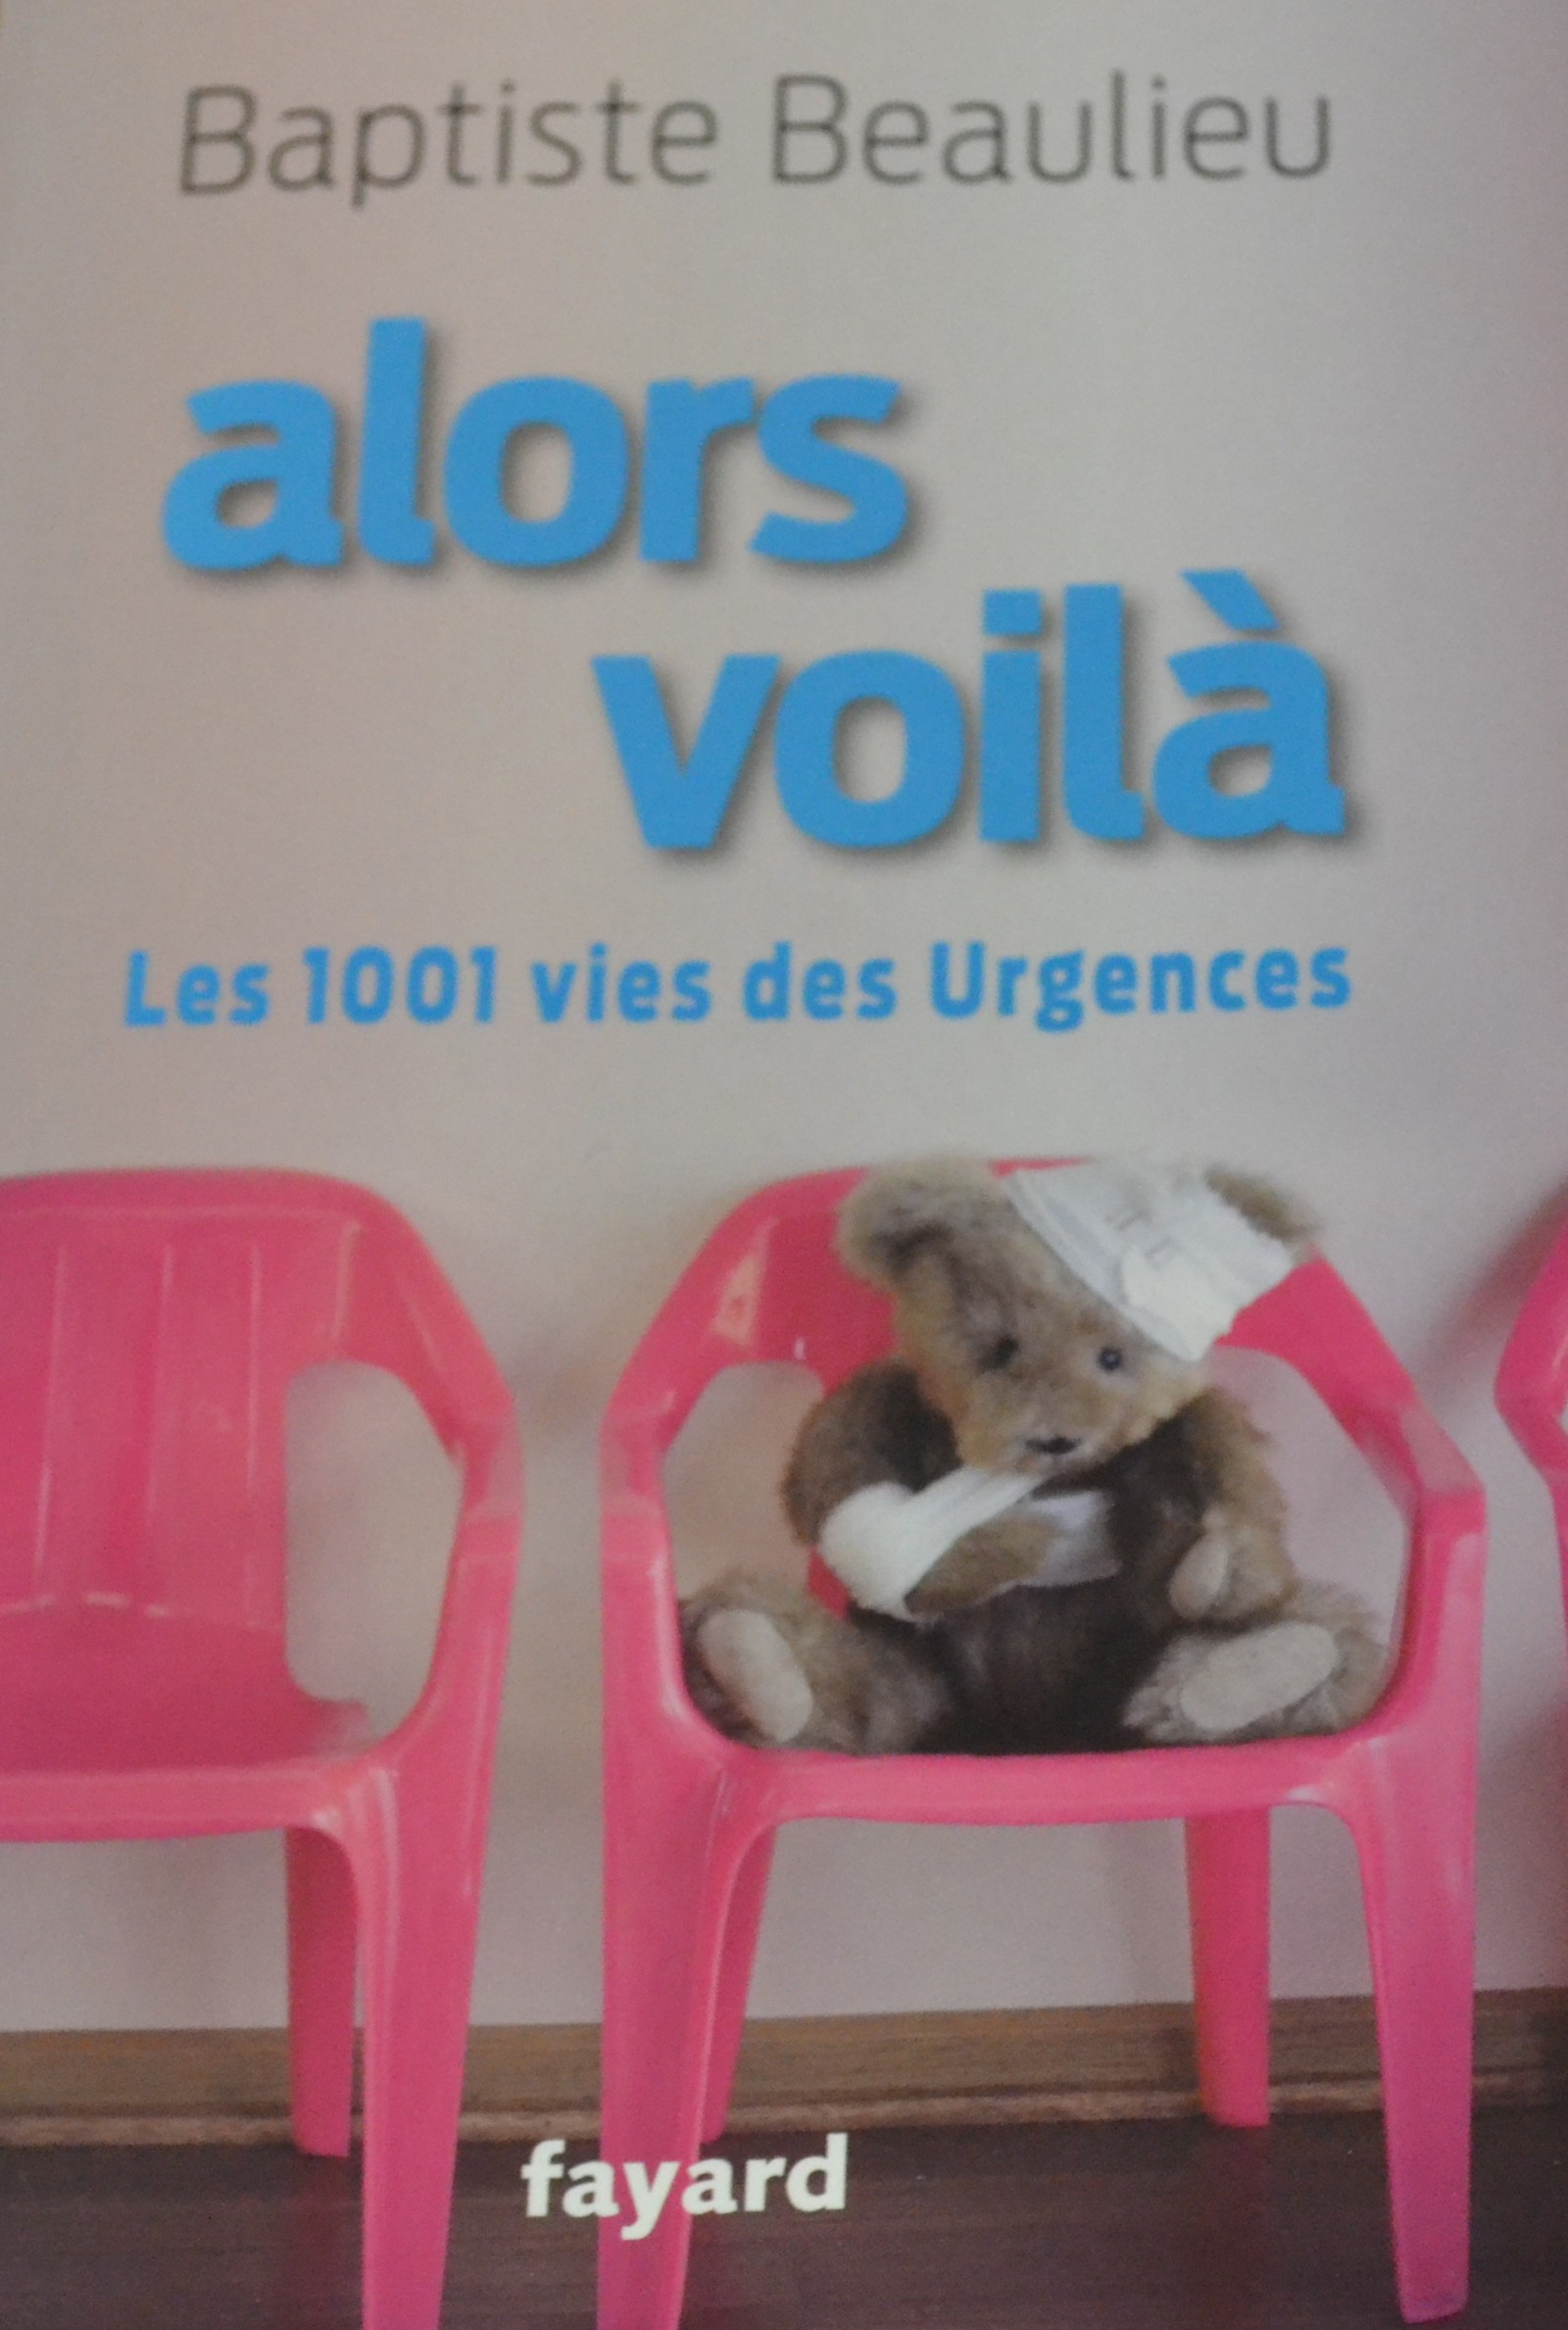 Alors Voilà: les 1001 vies des Urgences Baptiste Beaulieu